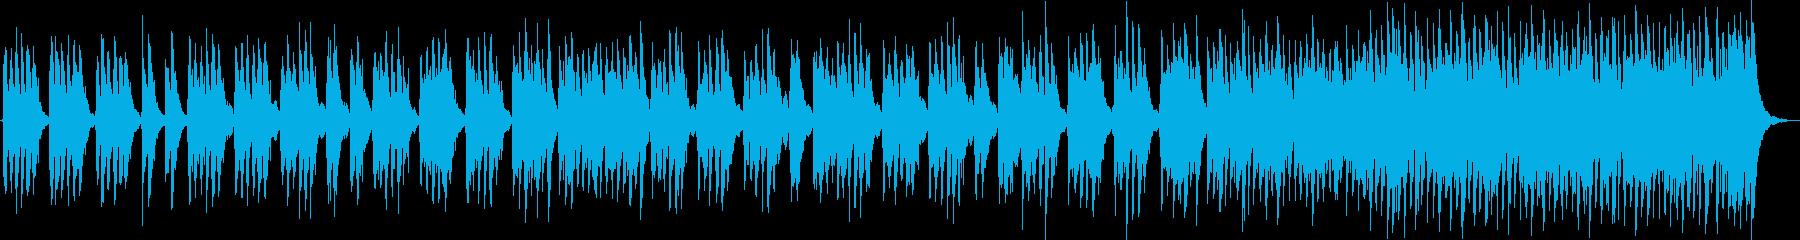 ファニーアップビート・オーケストラーの再生済みの波形